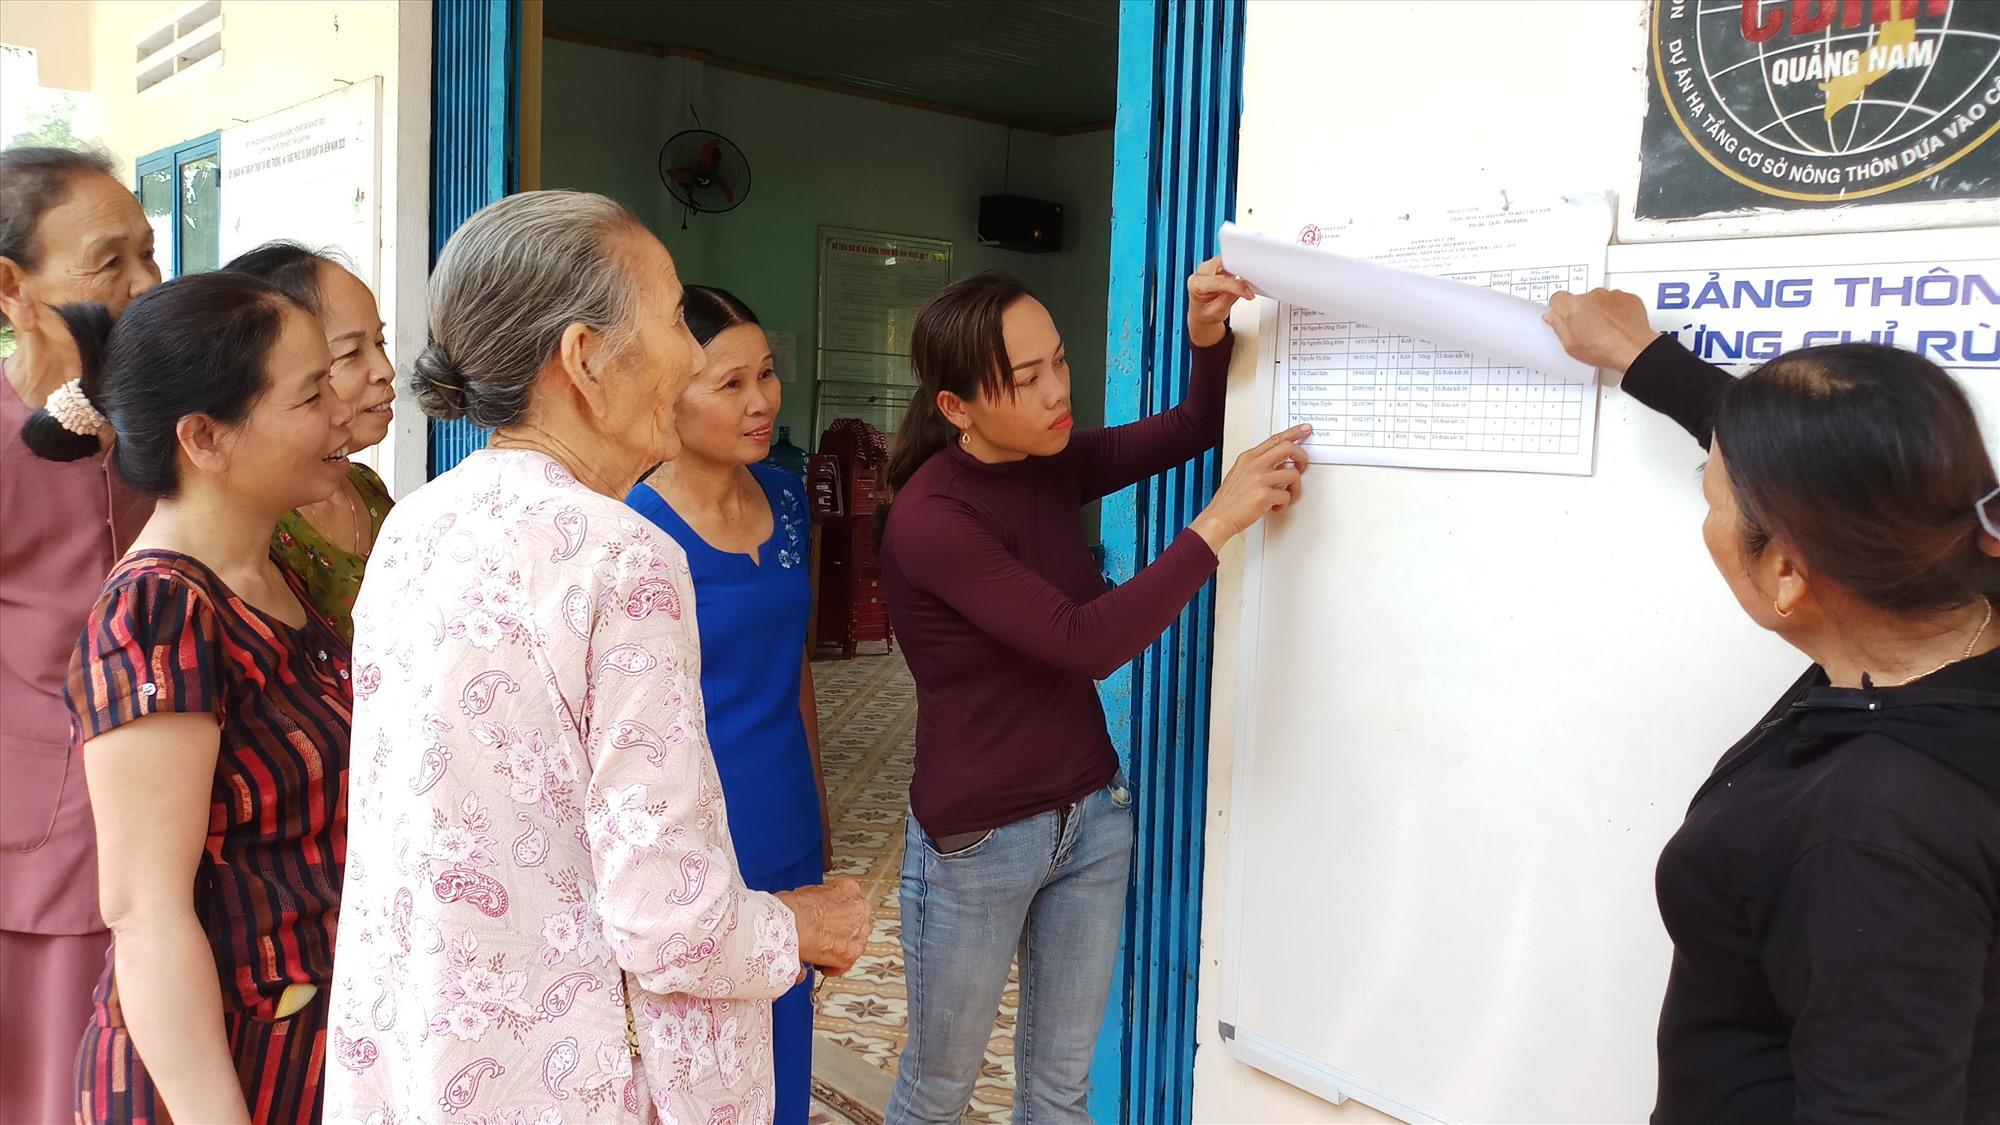 Các địa phương trên địa bàn Tiên Phước hoàn thành việc lập, niêm yết danh sách cử tri tại UBND xã và khu vực bầu cử để cử tri kiểm tra, theo dõi. Ảnh: H.H